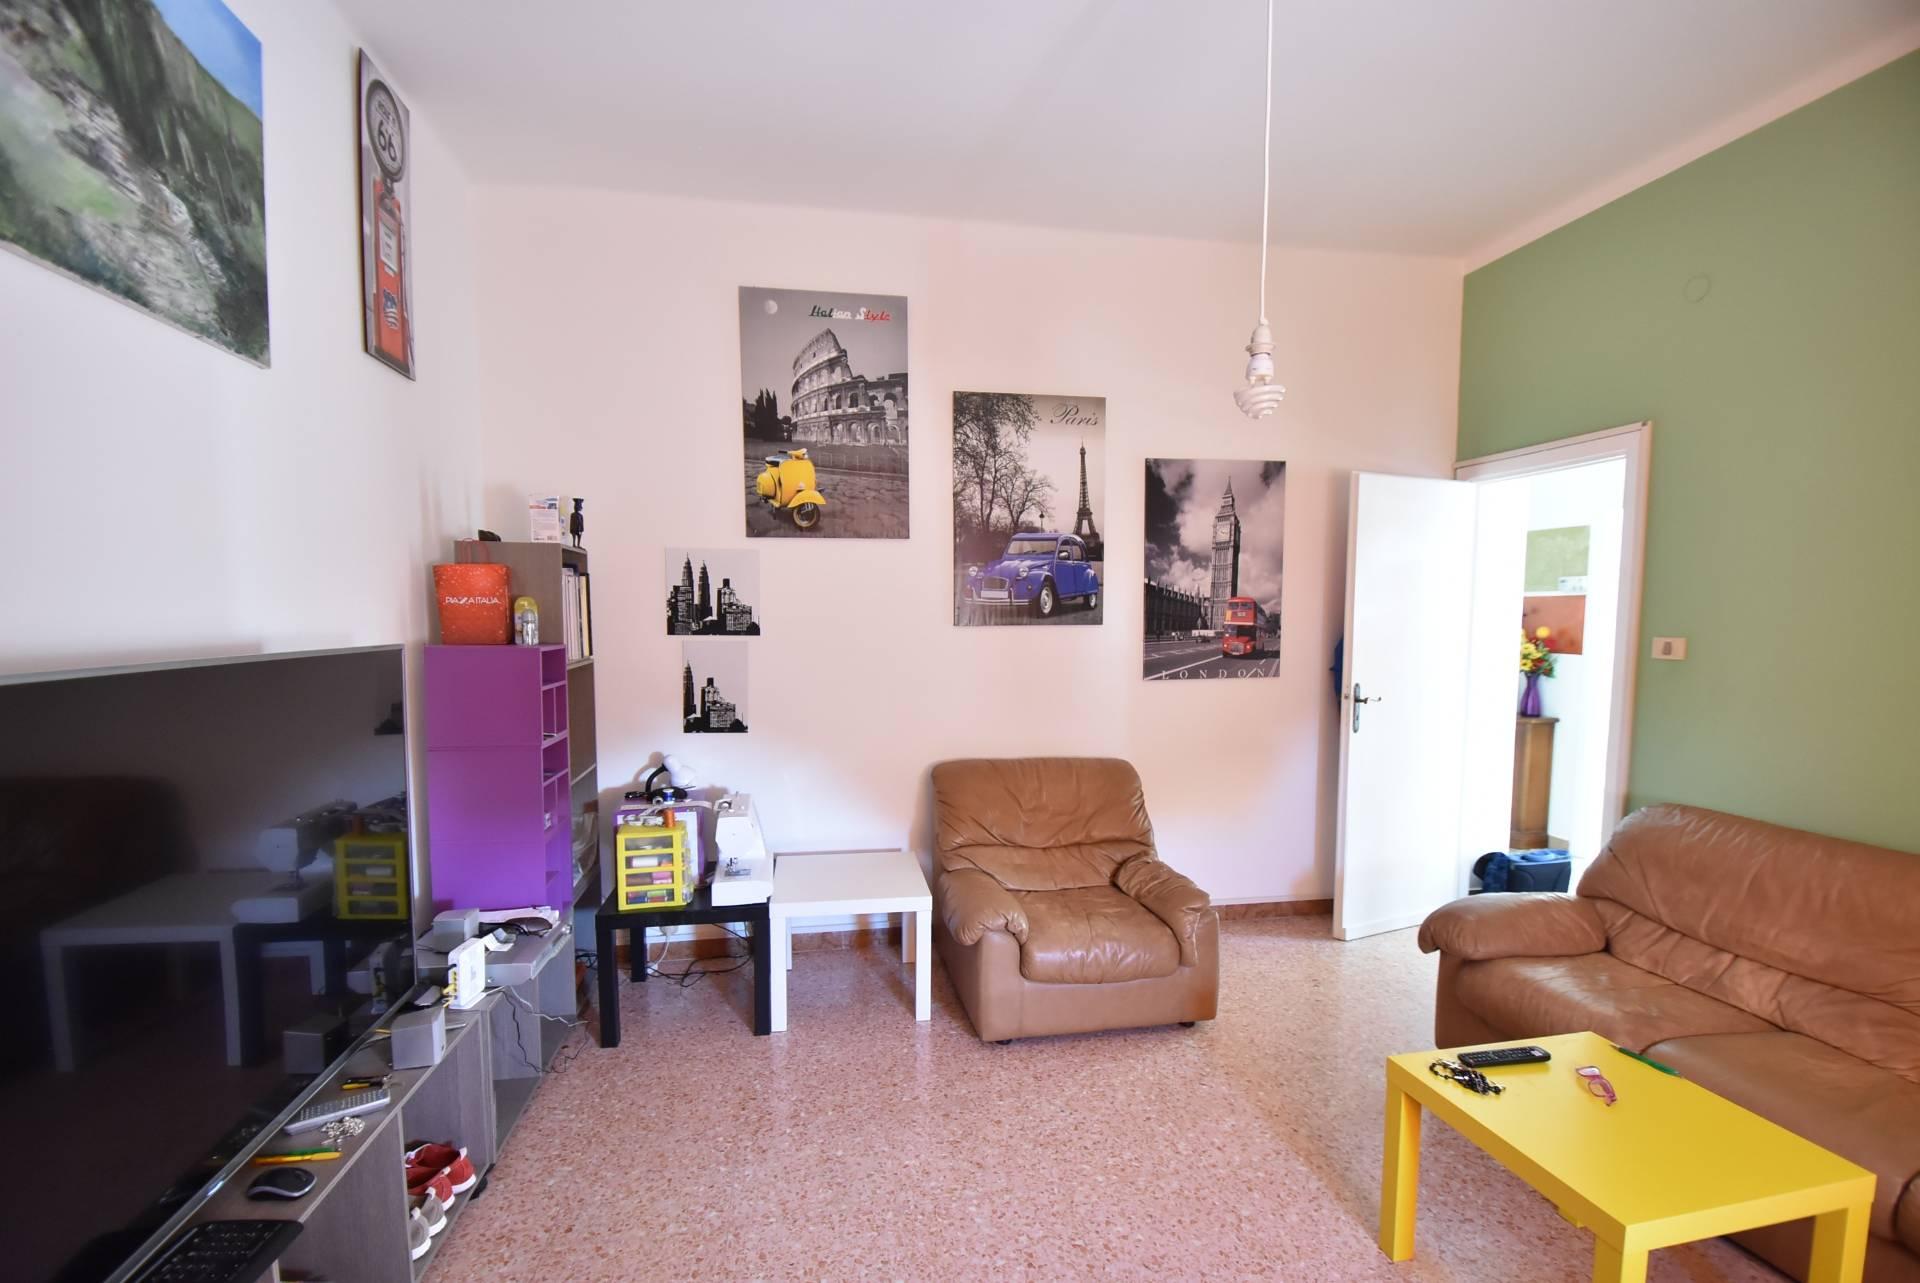 Appartamento in vendita a Macerata, 5 locali, zona Zona: Semicentrale, prezzo € 75.000 | CambioCasa.it